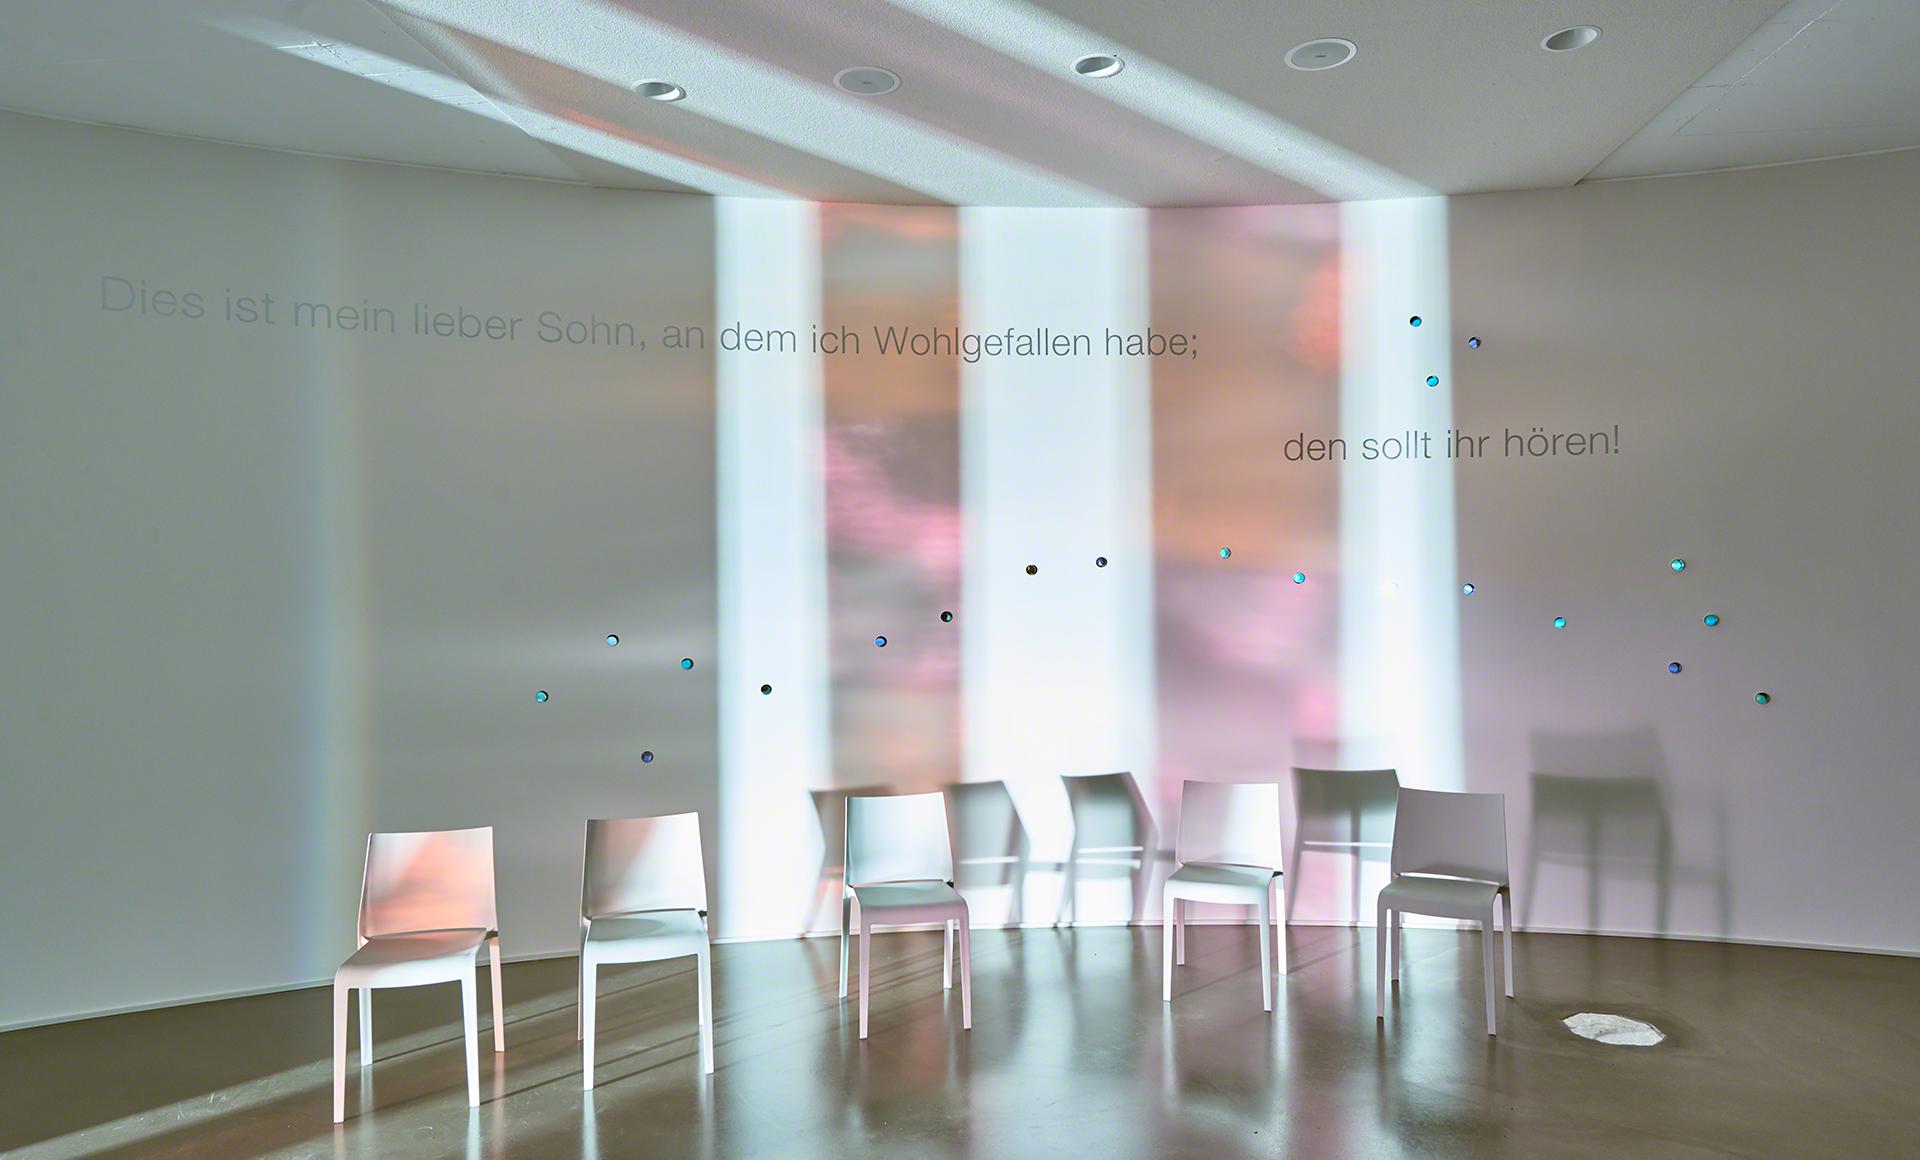 Landau, Stühle, Kunst, Licht, Design, Lichtdesign, Fotografie, Architekturfotografie, AR, Articus & Röttgen Fotografie, Kapelle, Altar, Kirche, Michèle Jonata, Lena Trost, Bildungszentrum